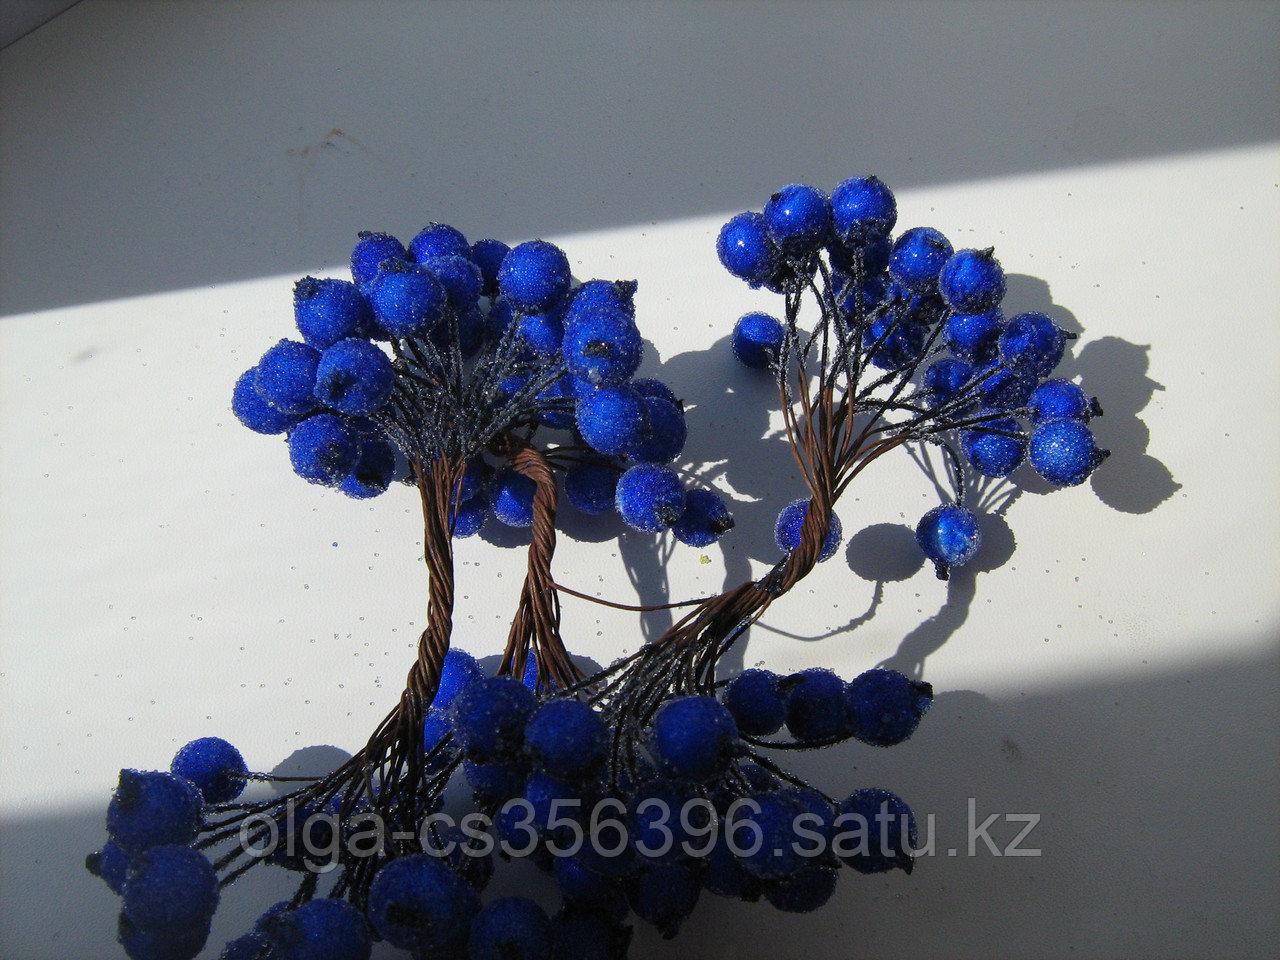 Ягоды в сахаре. Синие. Creativ 625 - 1